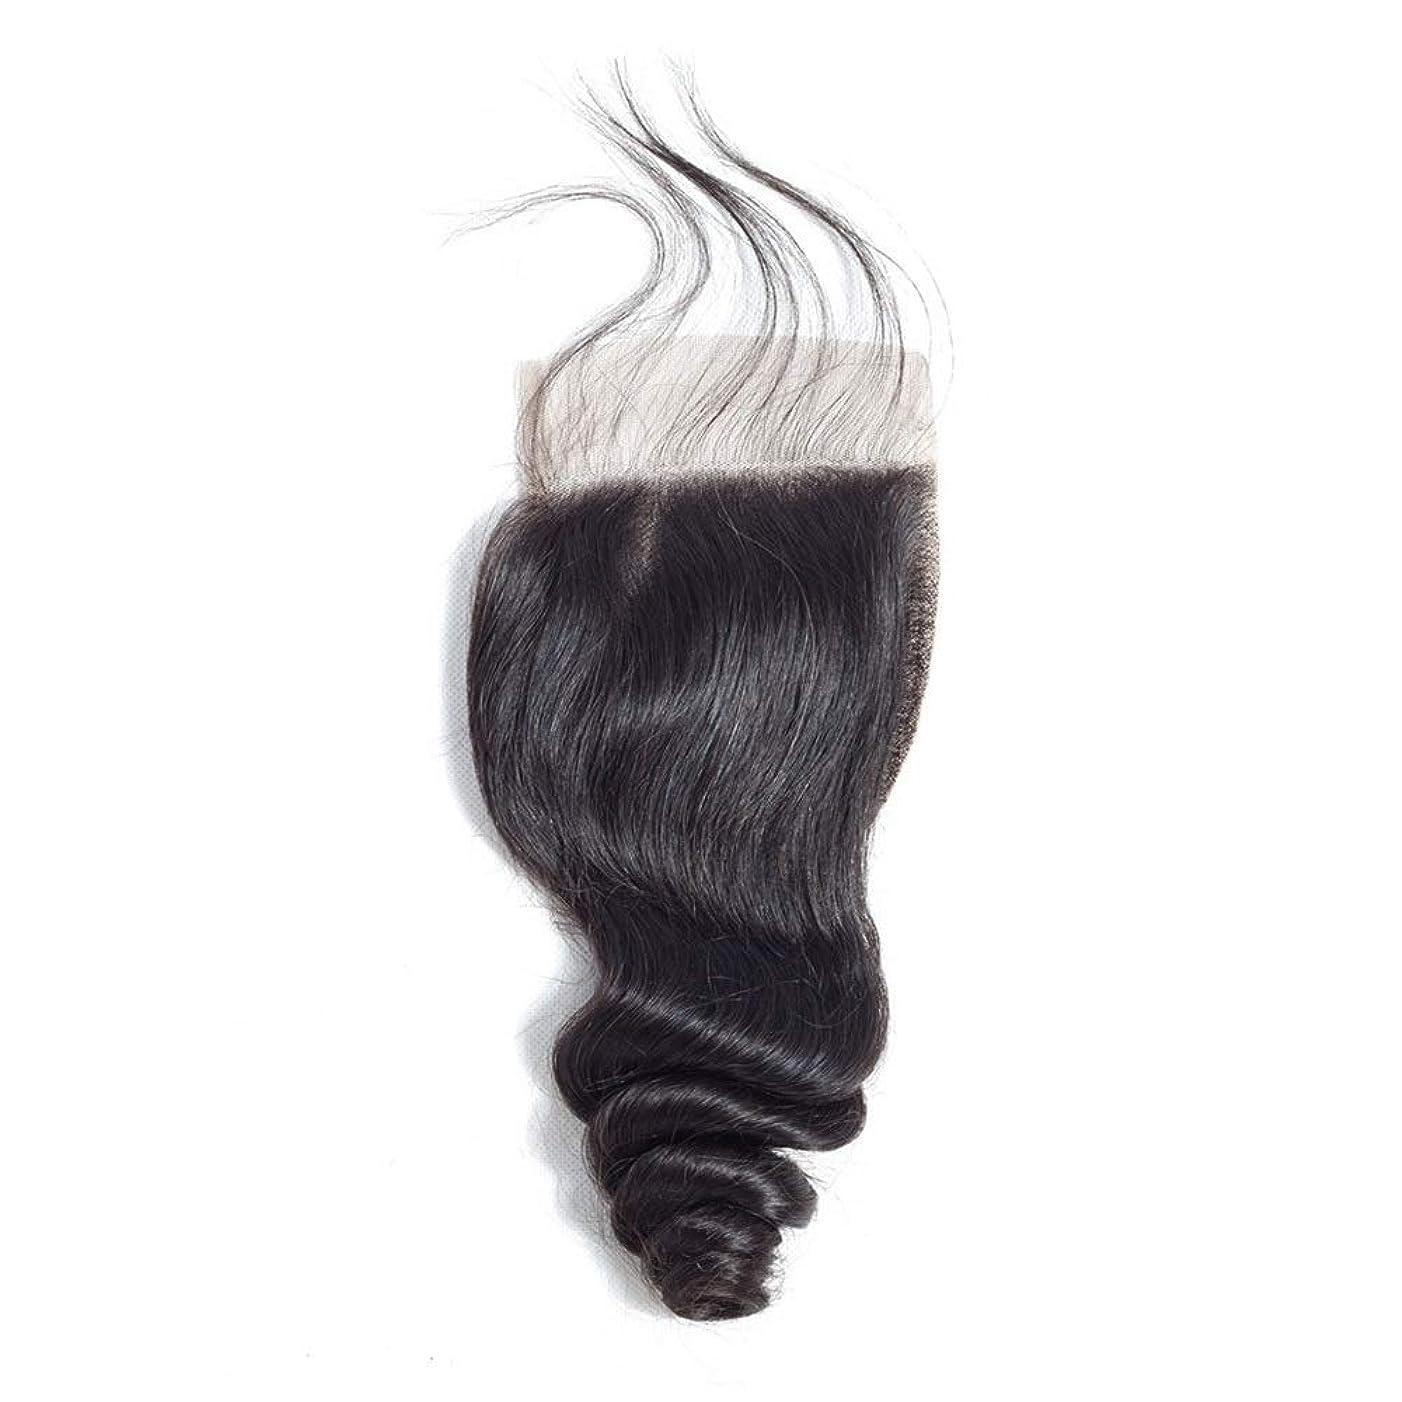 法廷前提条件洗うBOBIDYEE レースの閉鎖ブラジルの緩い波の髪4×4インチの自由な部分の閉鎖リアル人間の髪の毛の自然な色の長い巻き毛のかつら (色 : 黒, サイズ : 20 inch)